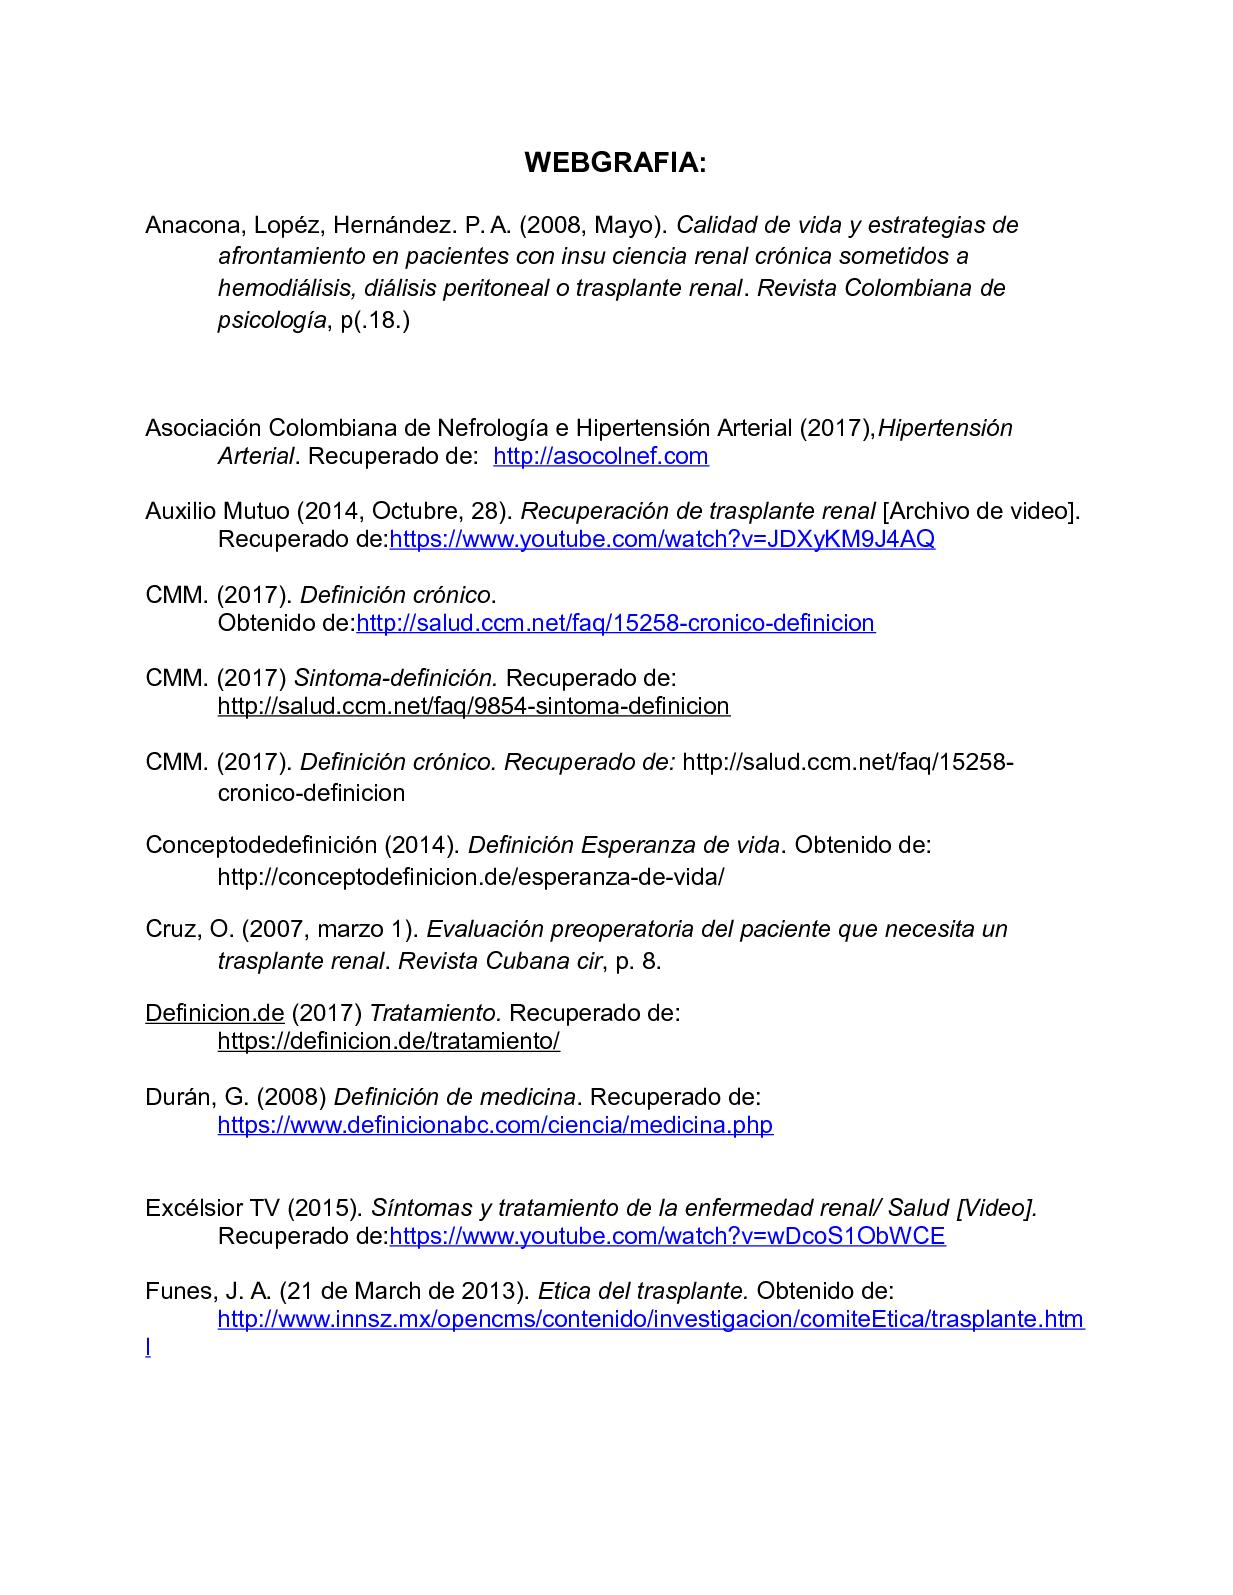 Revistas de hipertensión arterial de nefrología